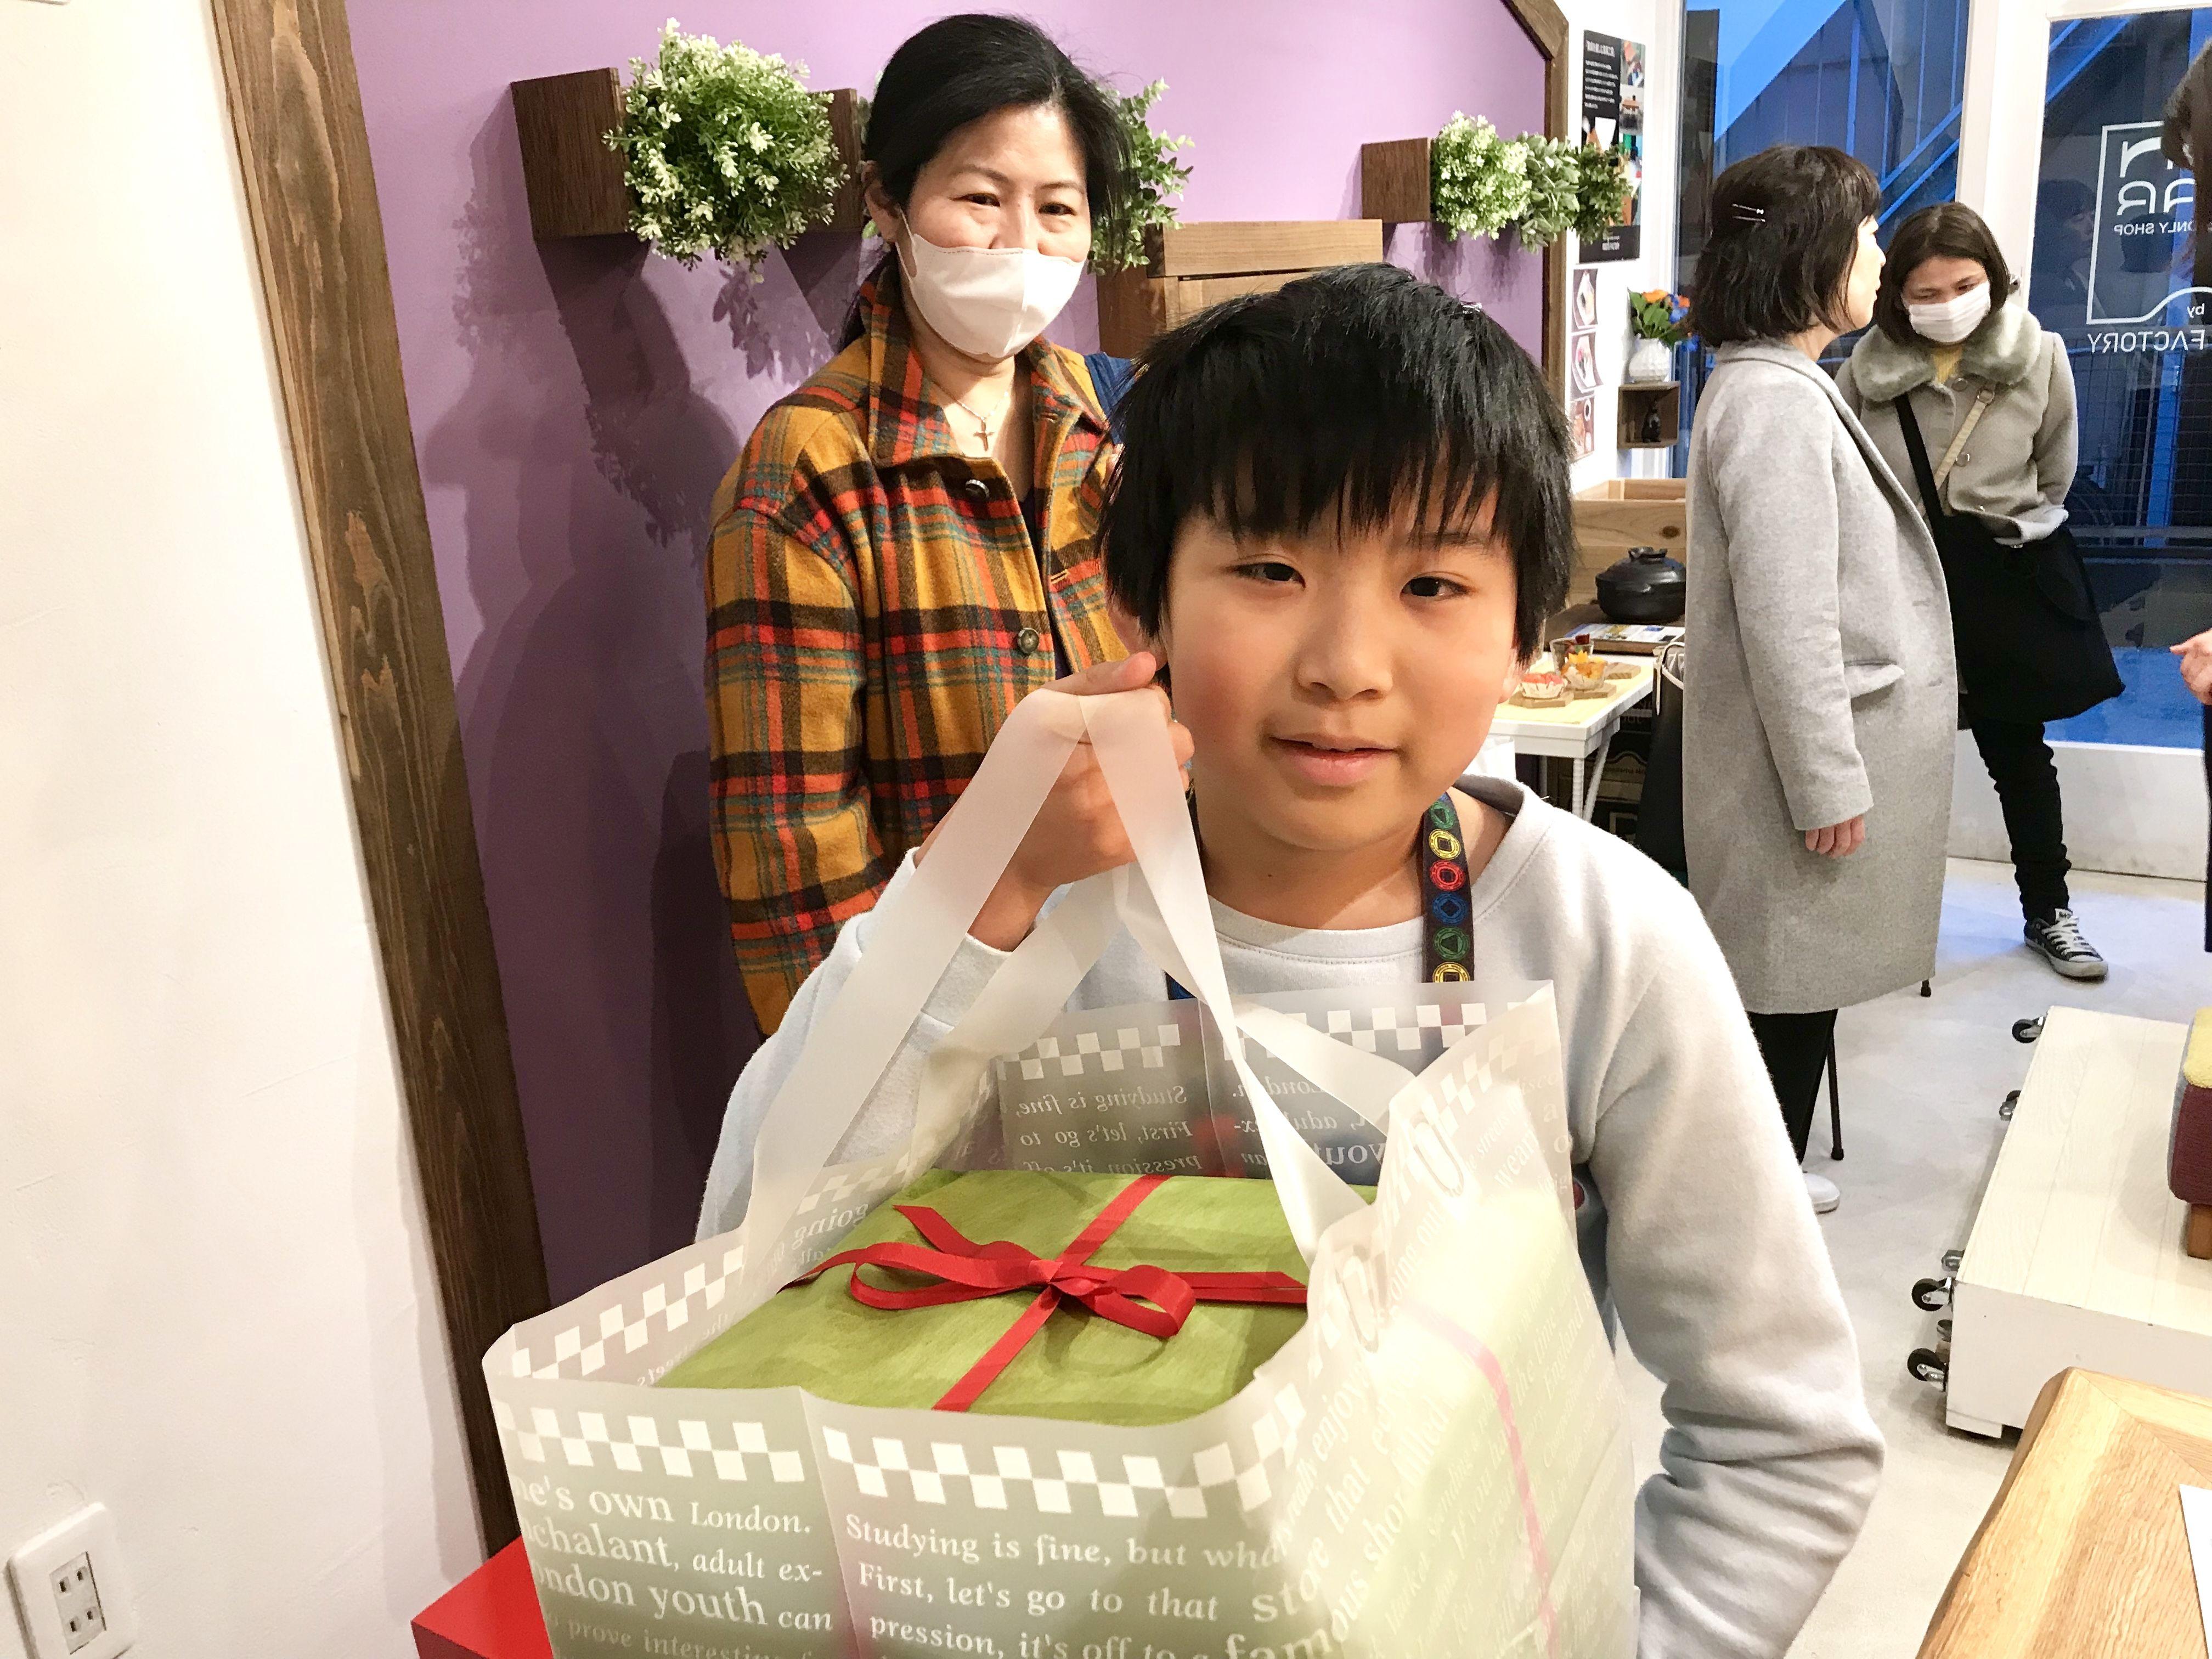 ルーツファクトリー東京店にモンペスツールを引き取りにご来店くださったお客さま